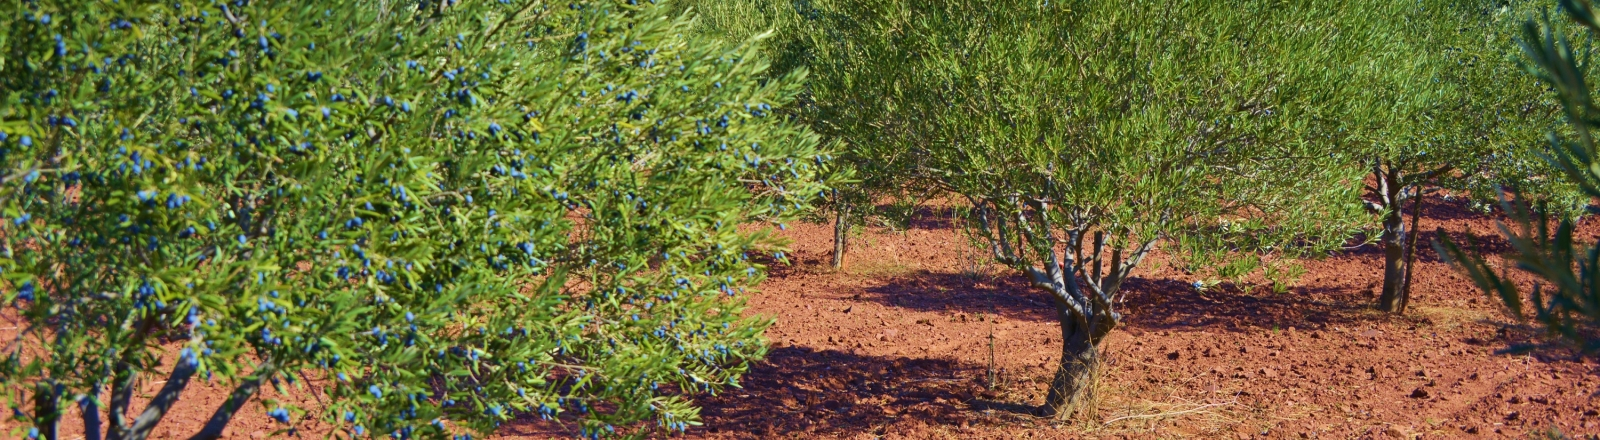 Les oliviers du Domaine Capitelle des Salles © Olivier Diaz de Zarate